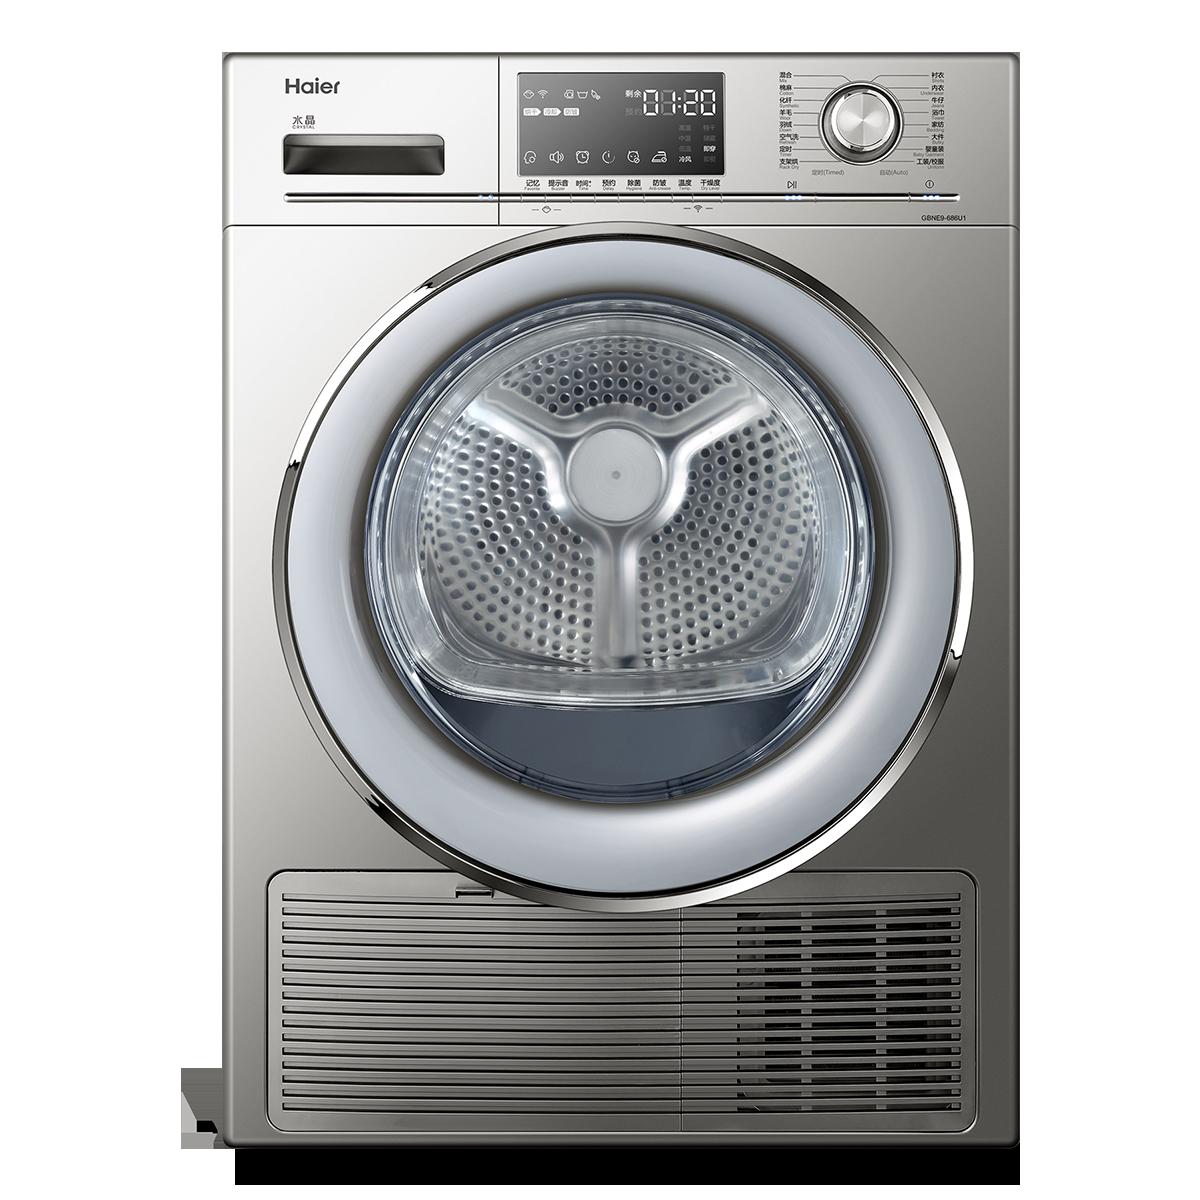 海尔Haier洗衣机 GBNE9-686U1 说明书